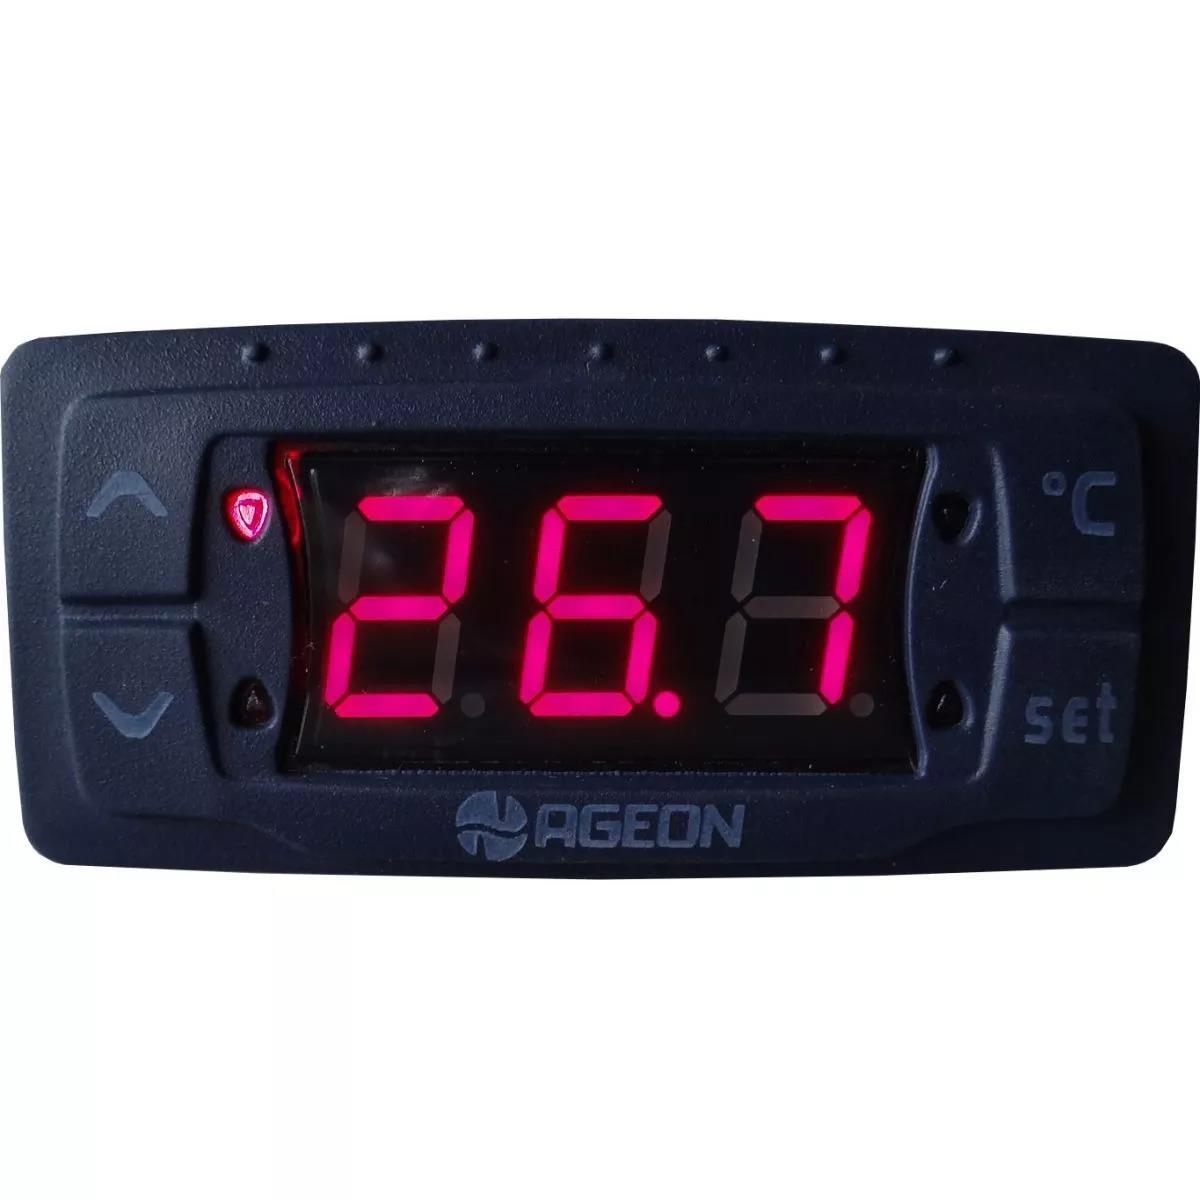 Foto3 - Controlador com Temporizador Ageon - Refrigeração / Chocadeiras G103 Triac